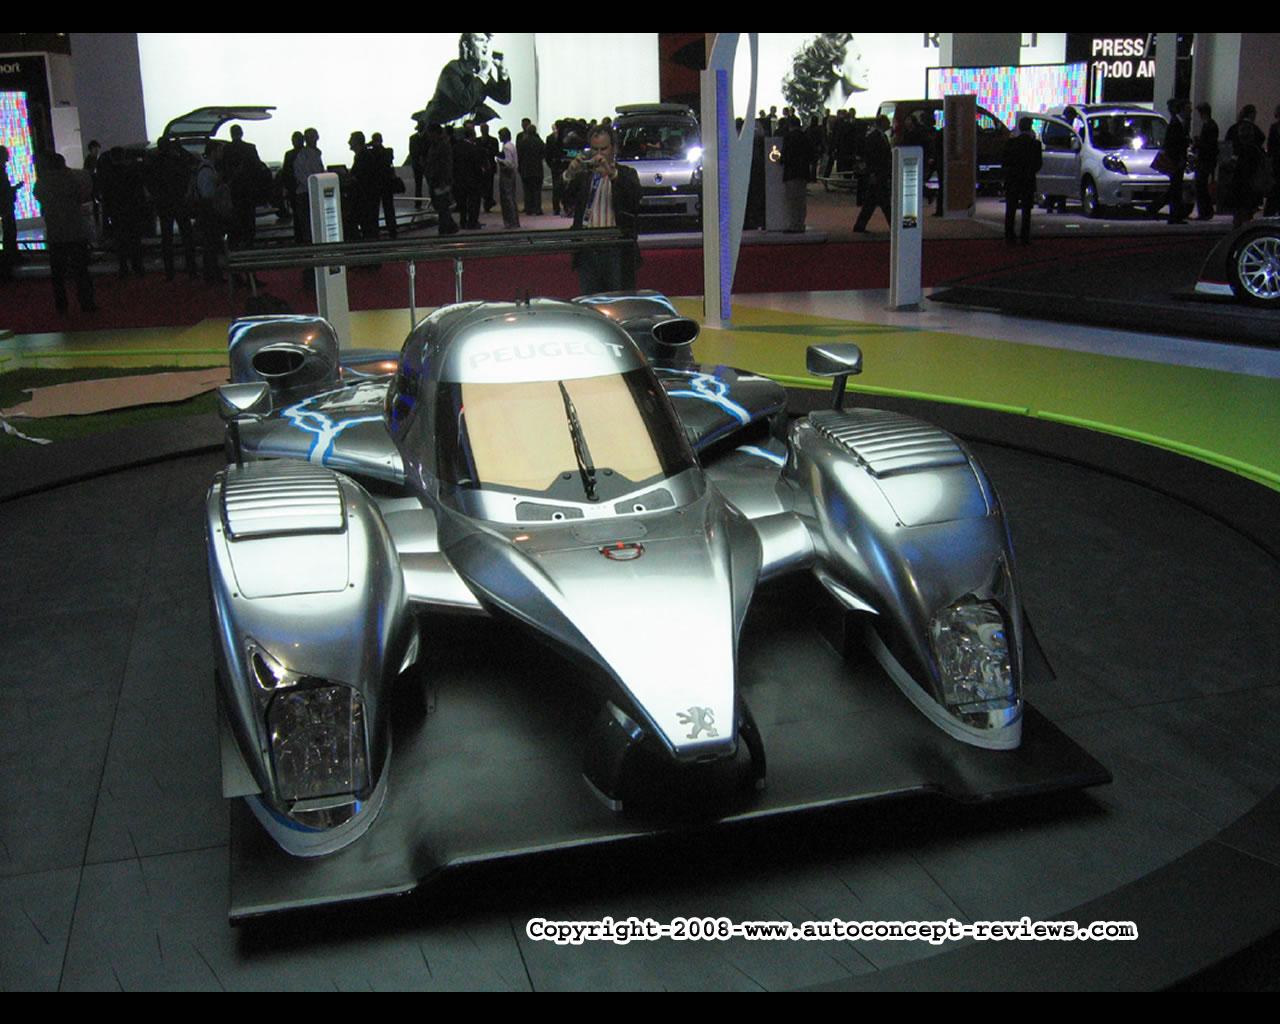 Paris Motor Show 2008 Autoconcept